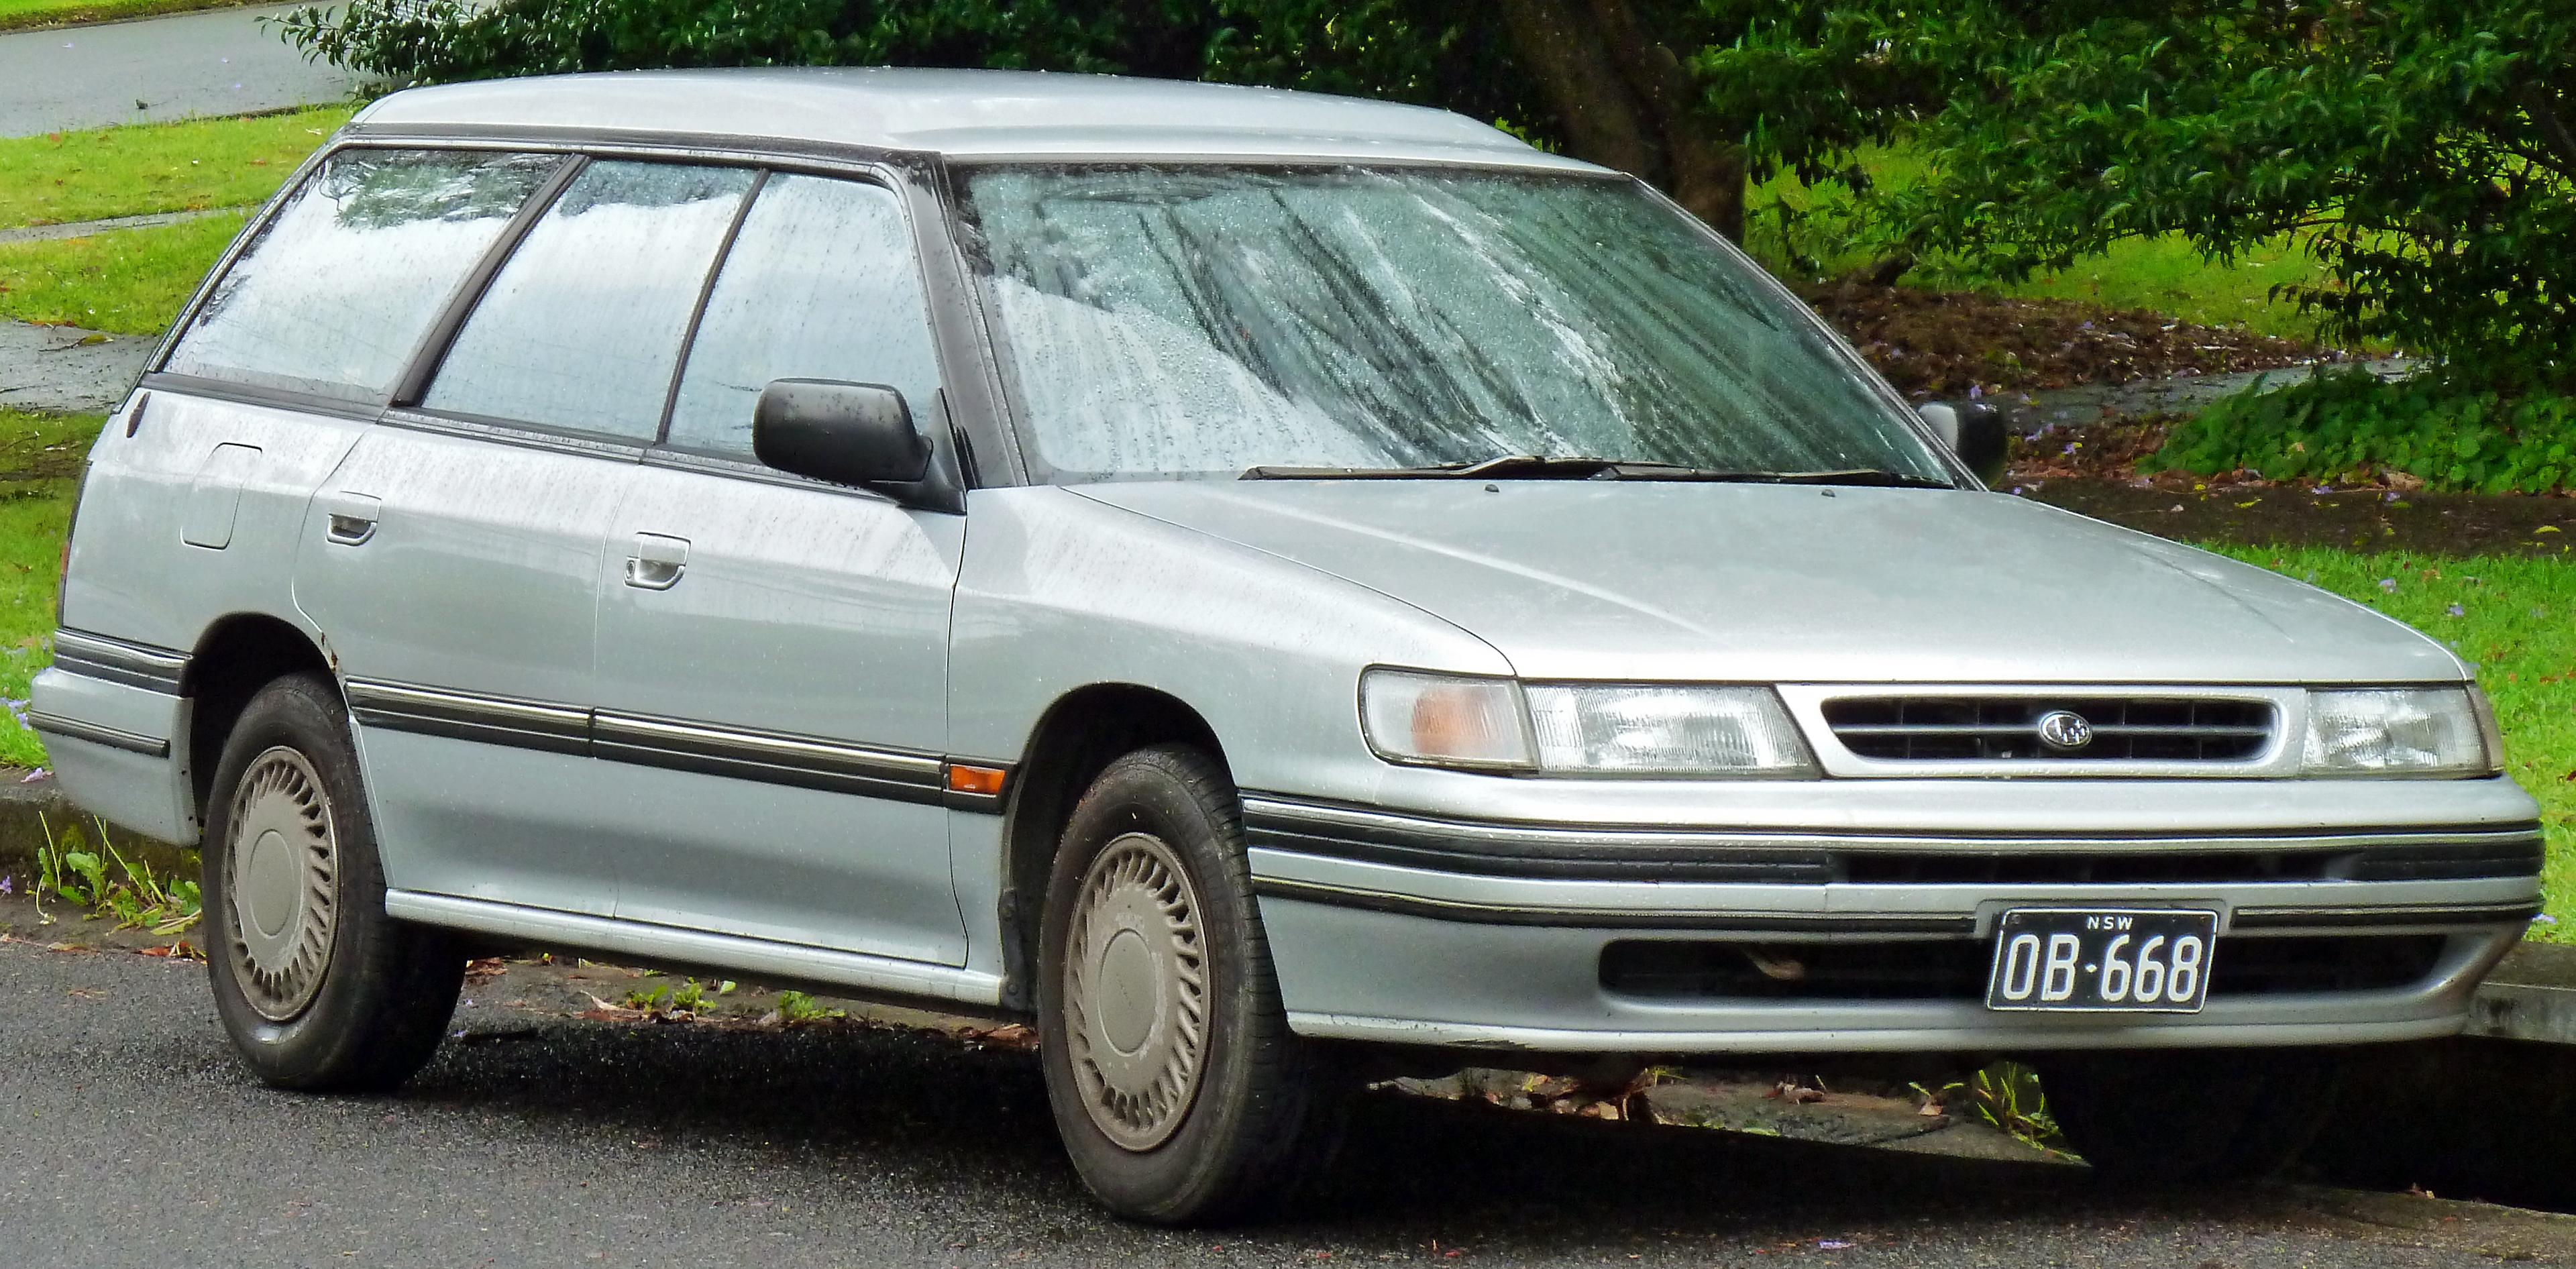 Cool 1998 Subaru Legacy Radio Sony Cdx-gt230 Wiring Diagram Outside ...